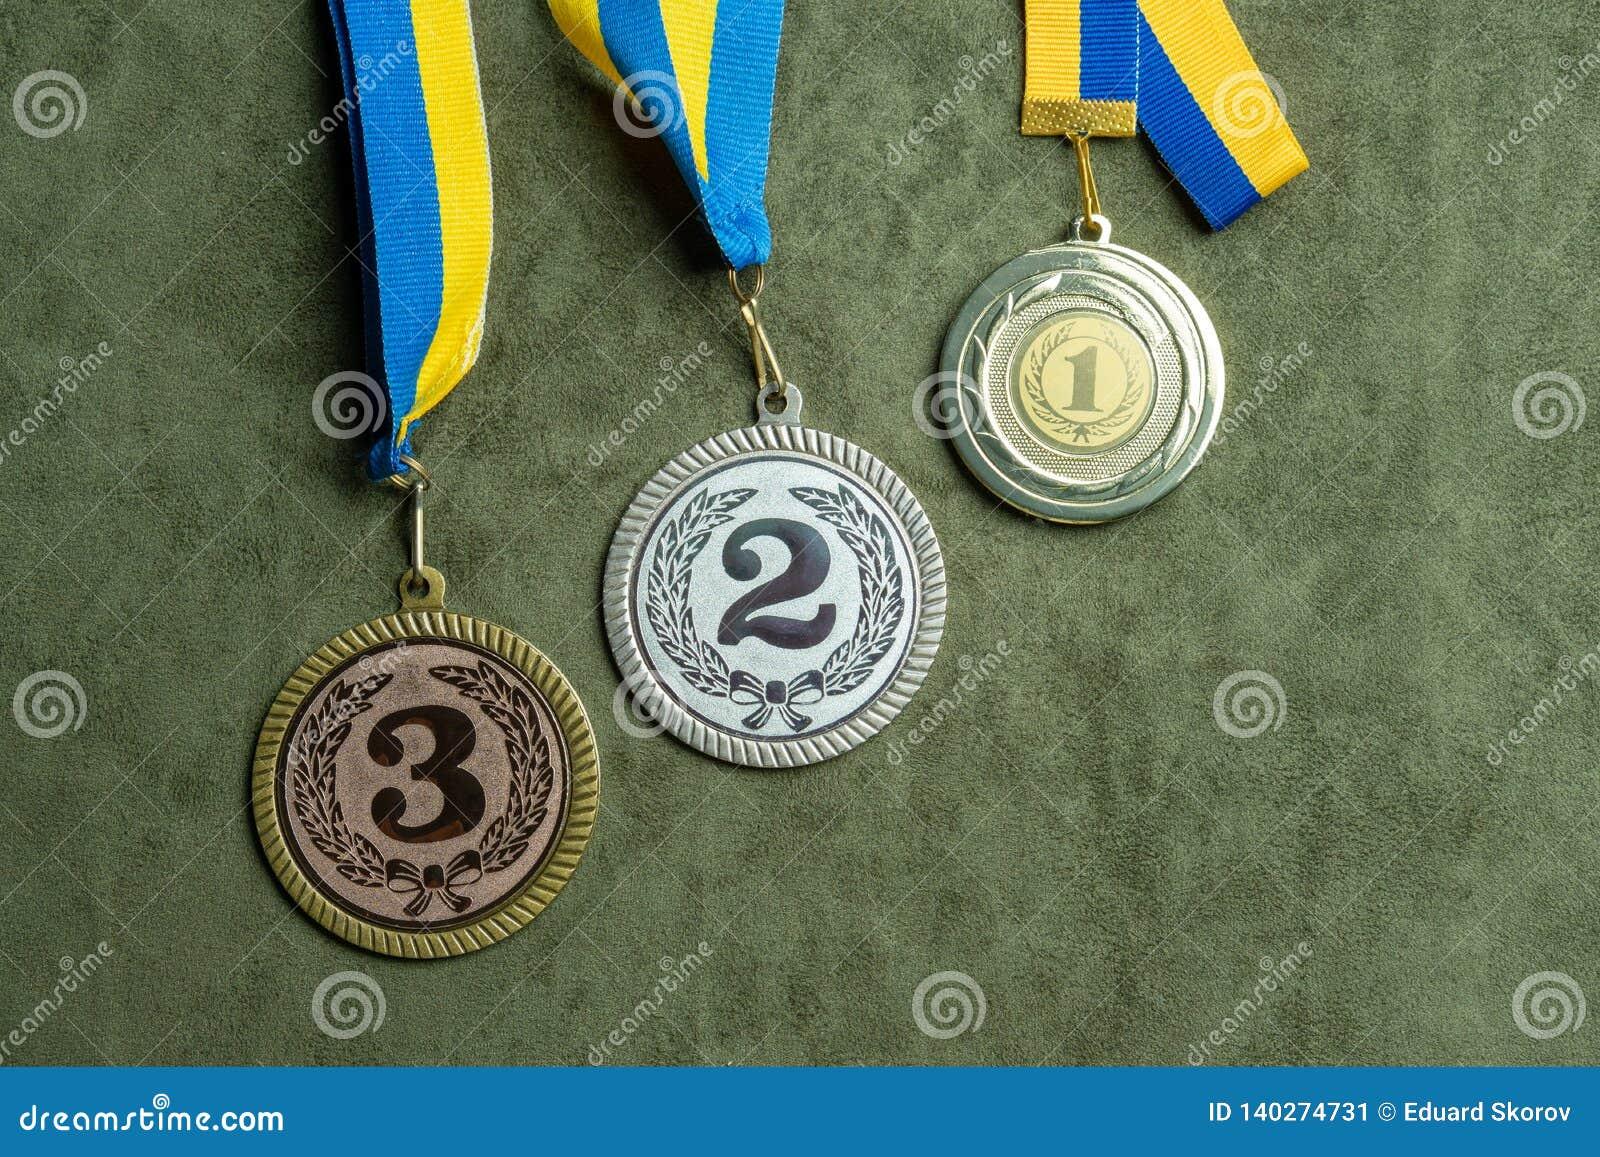 Złoto, srebro lub brązowy medal z faborkami, żółtymi i błękitnymi